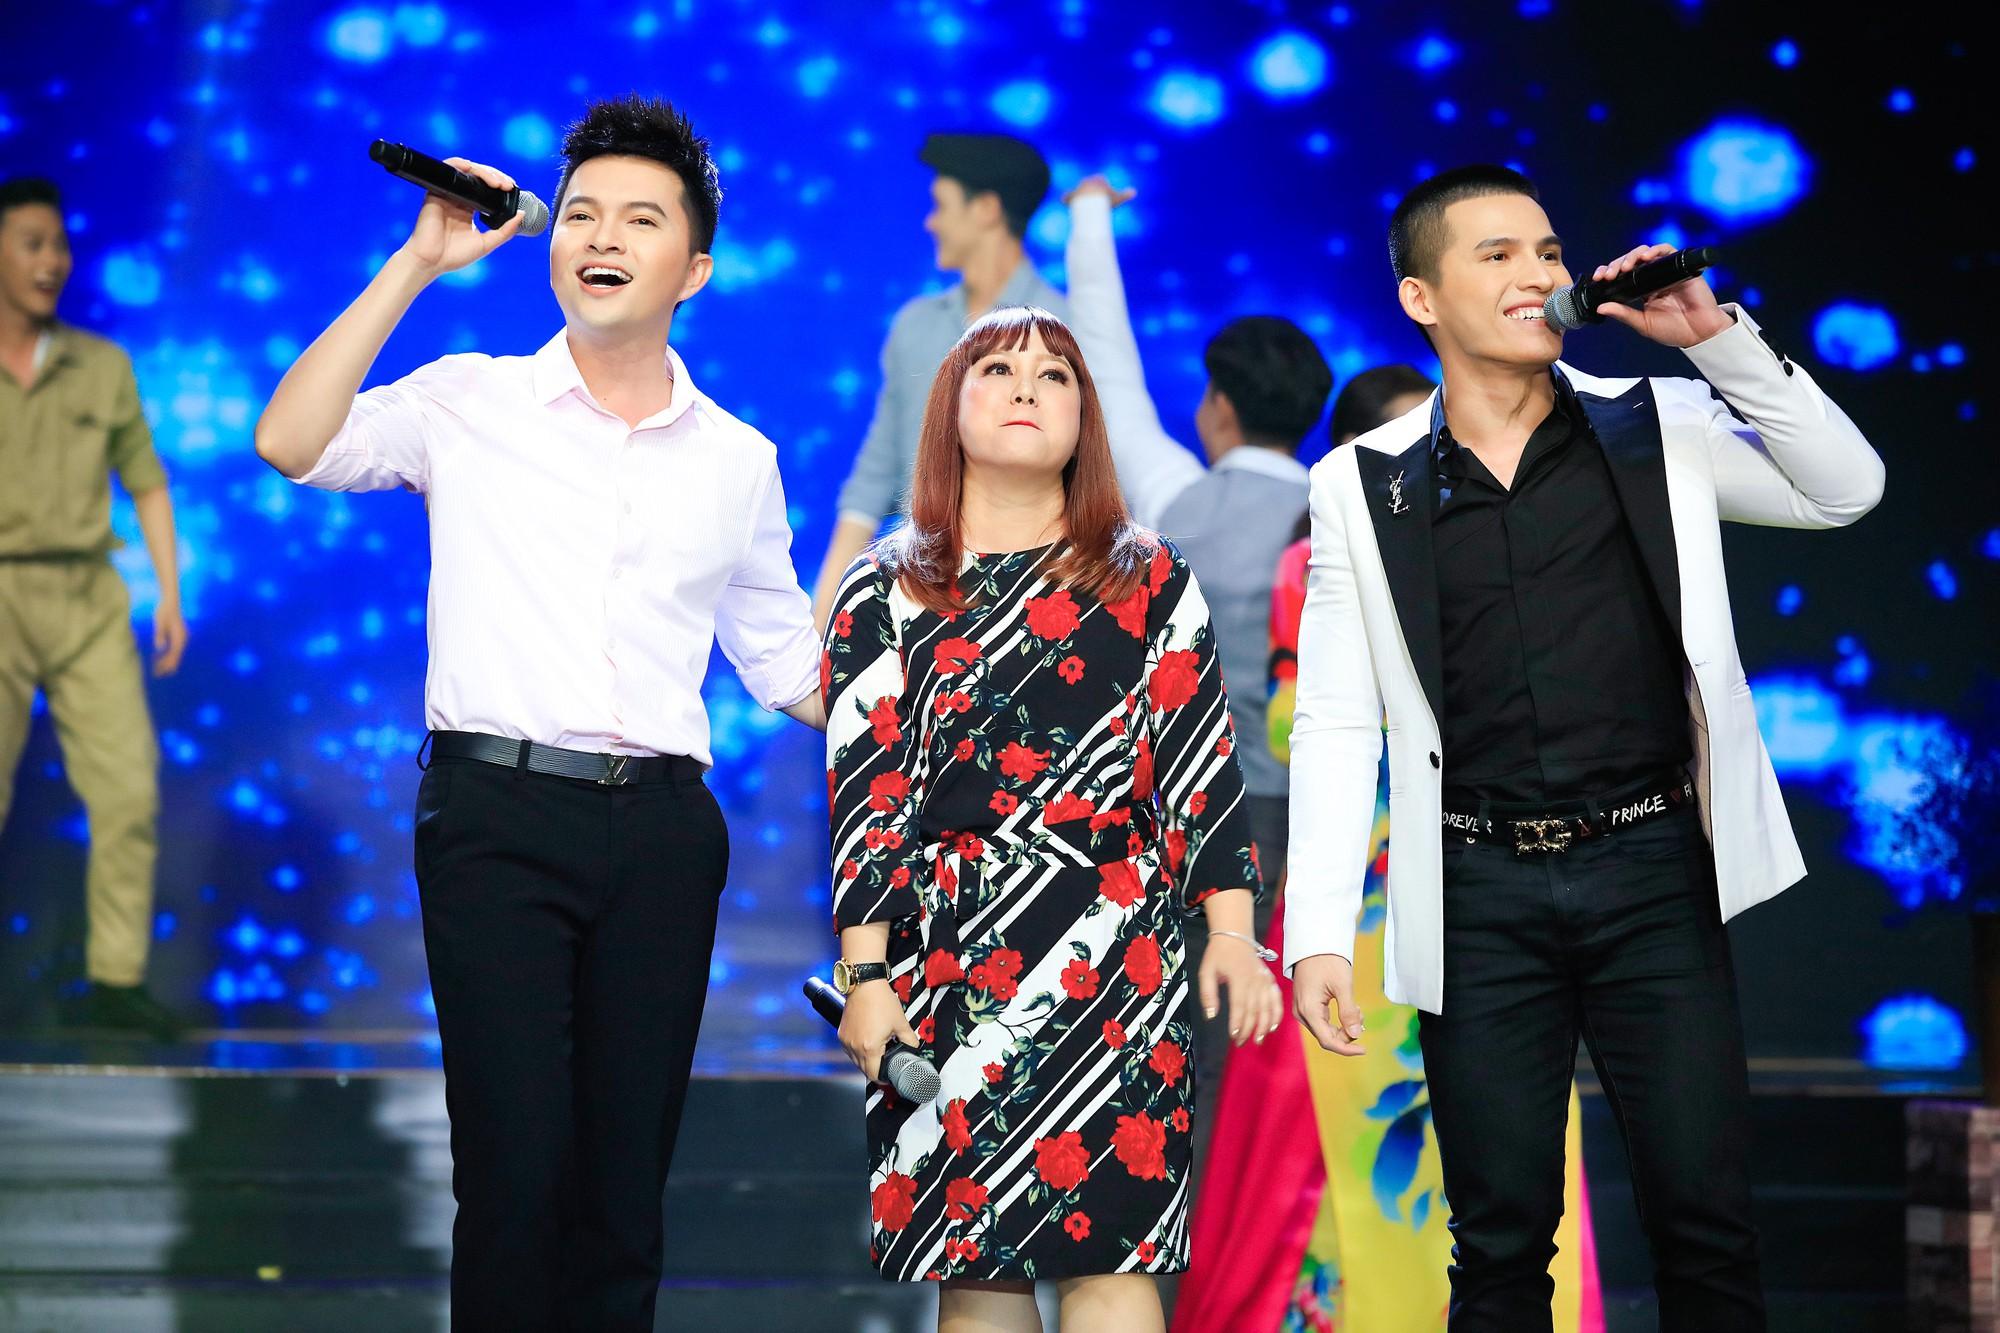 Khép lại 19 năm thanh xuân, MC Quỳnh Hương rơi nước mắt trong số cuối cùng dẫn Thay lời muốn nói - Ảnh 11.